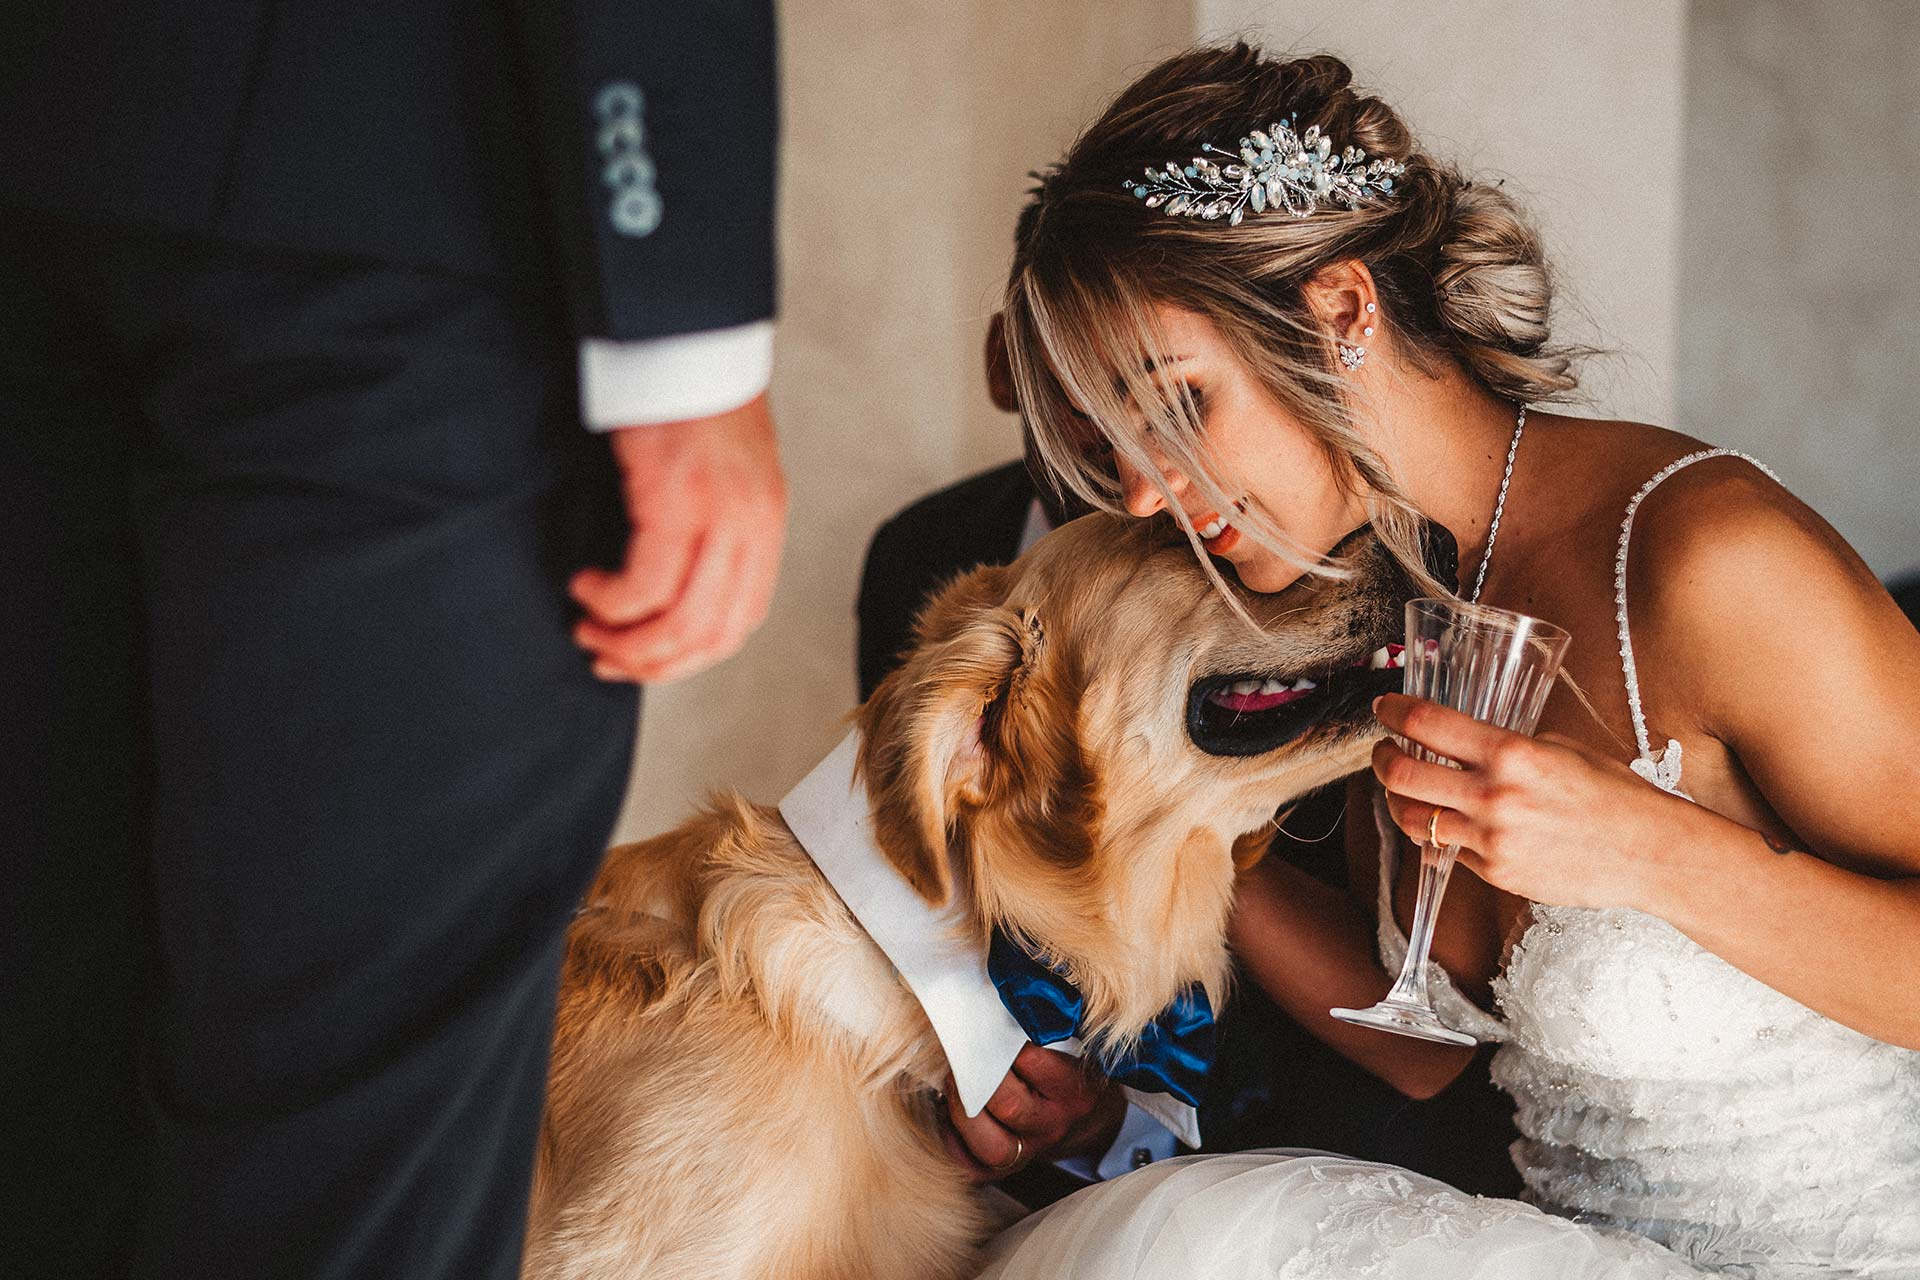 Vantaggi servizio fotografico di matrimonio